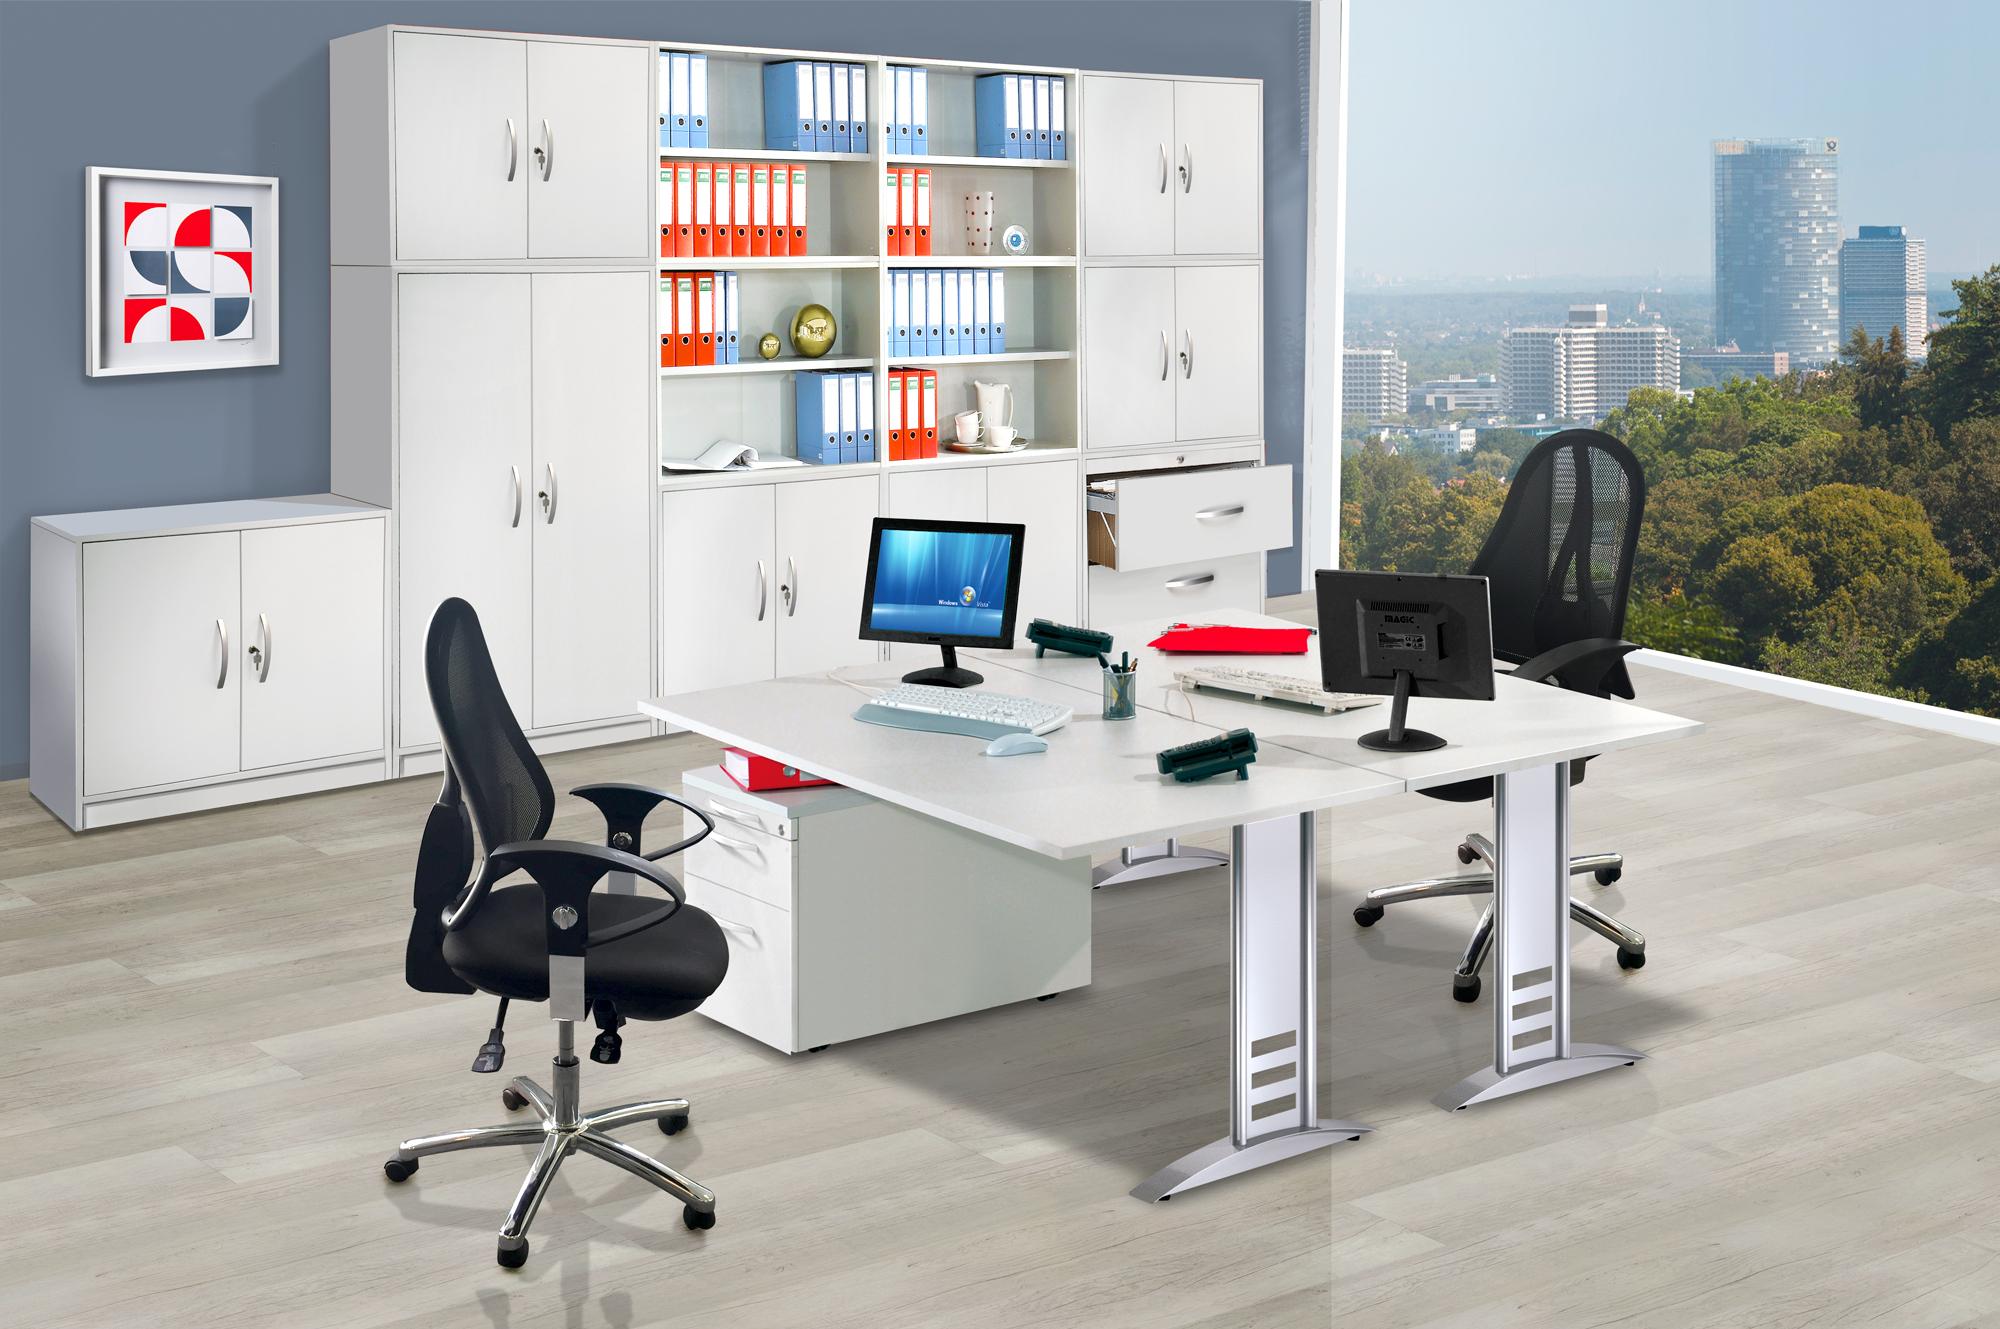 Ungewöhnlich Büromöbel Herford Ideen - Hauptinnenideen - kakados.com